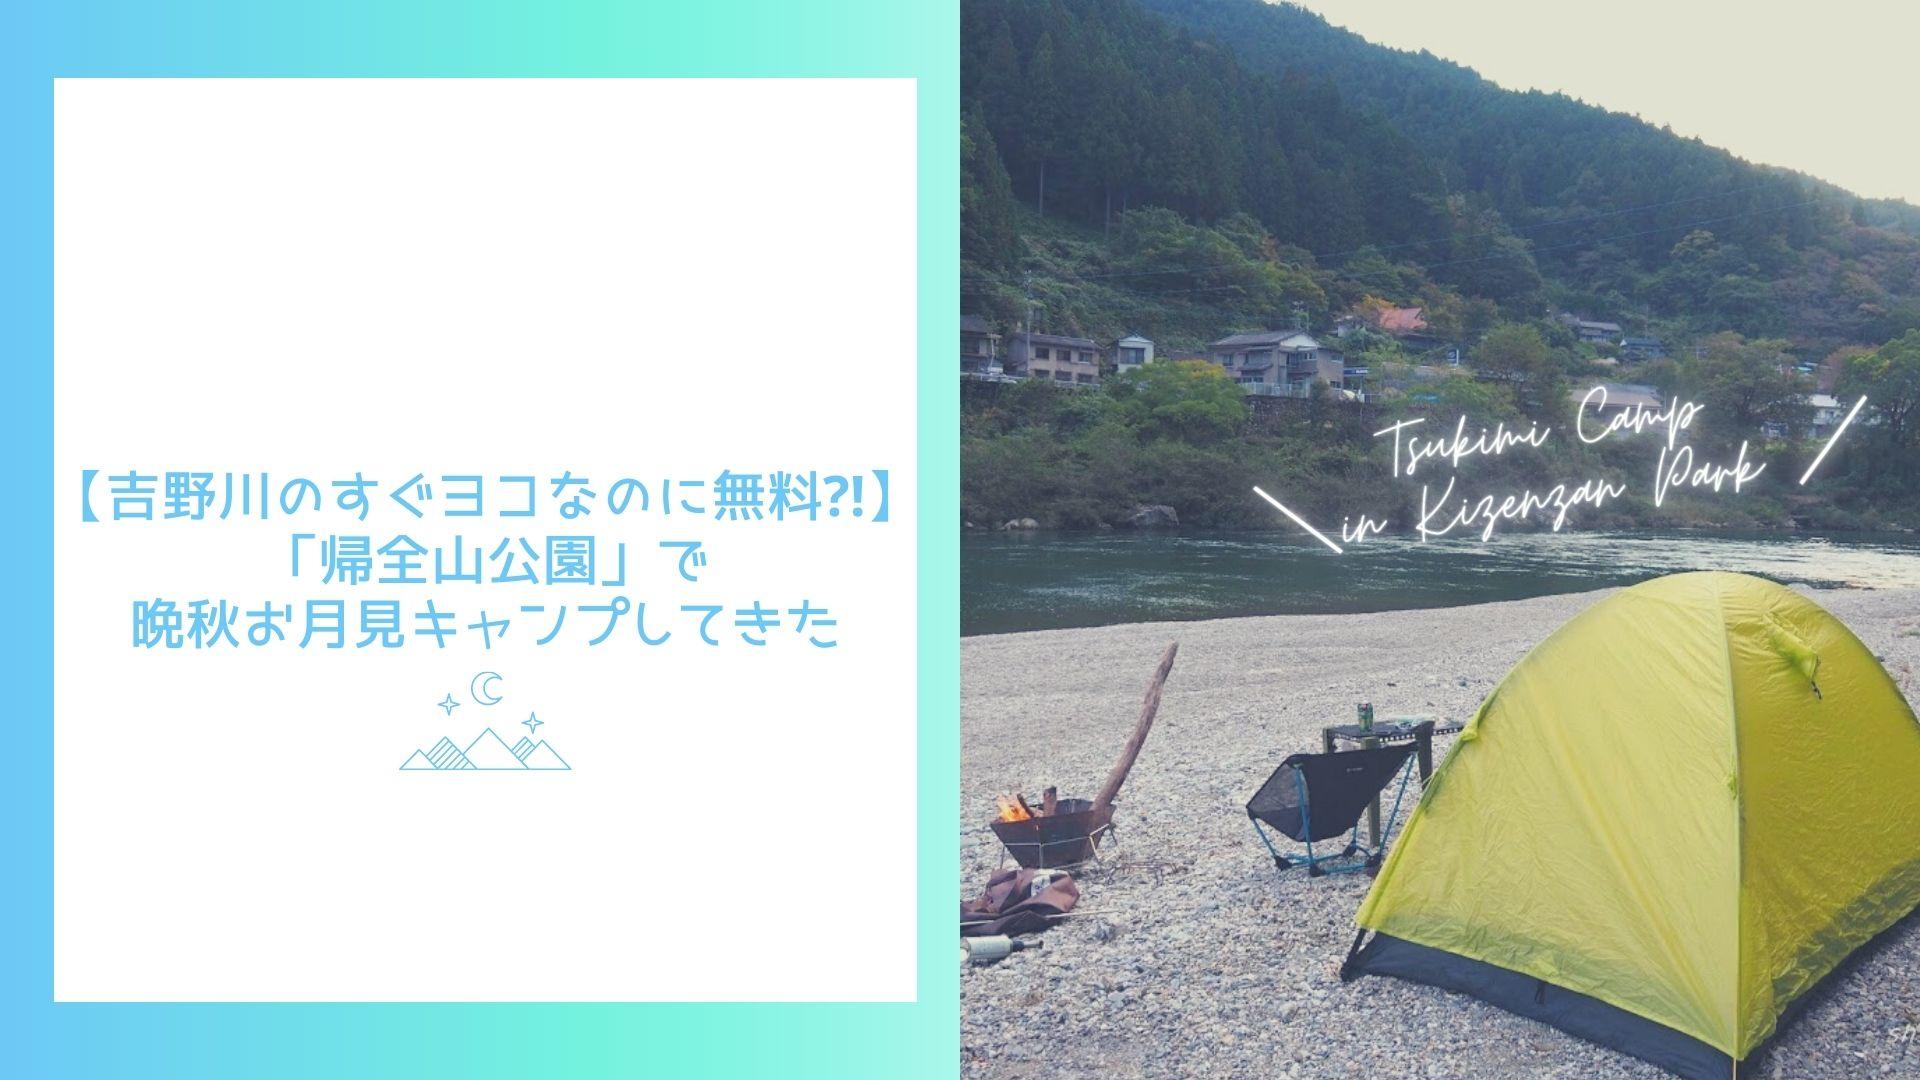 【吉野川のすぐヨコなのに無料⁈】「帰全山公園」で晩秋お月見キャンプしてきた